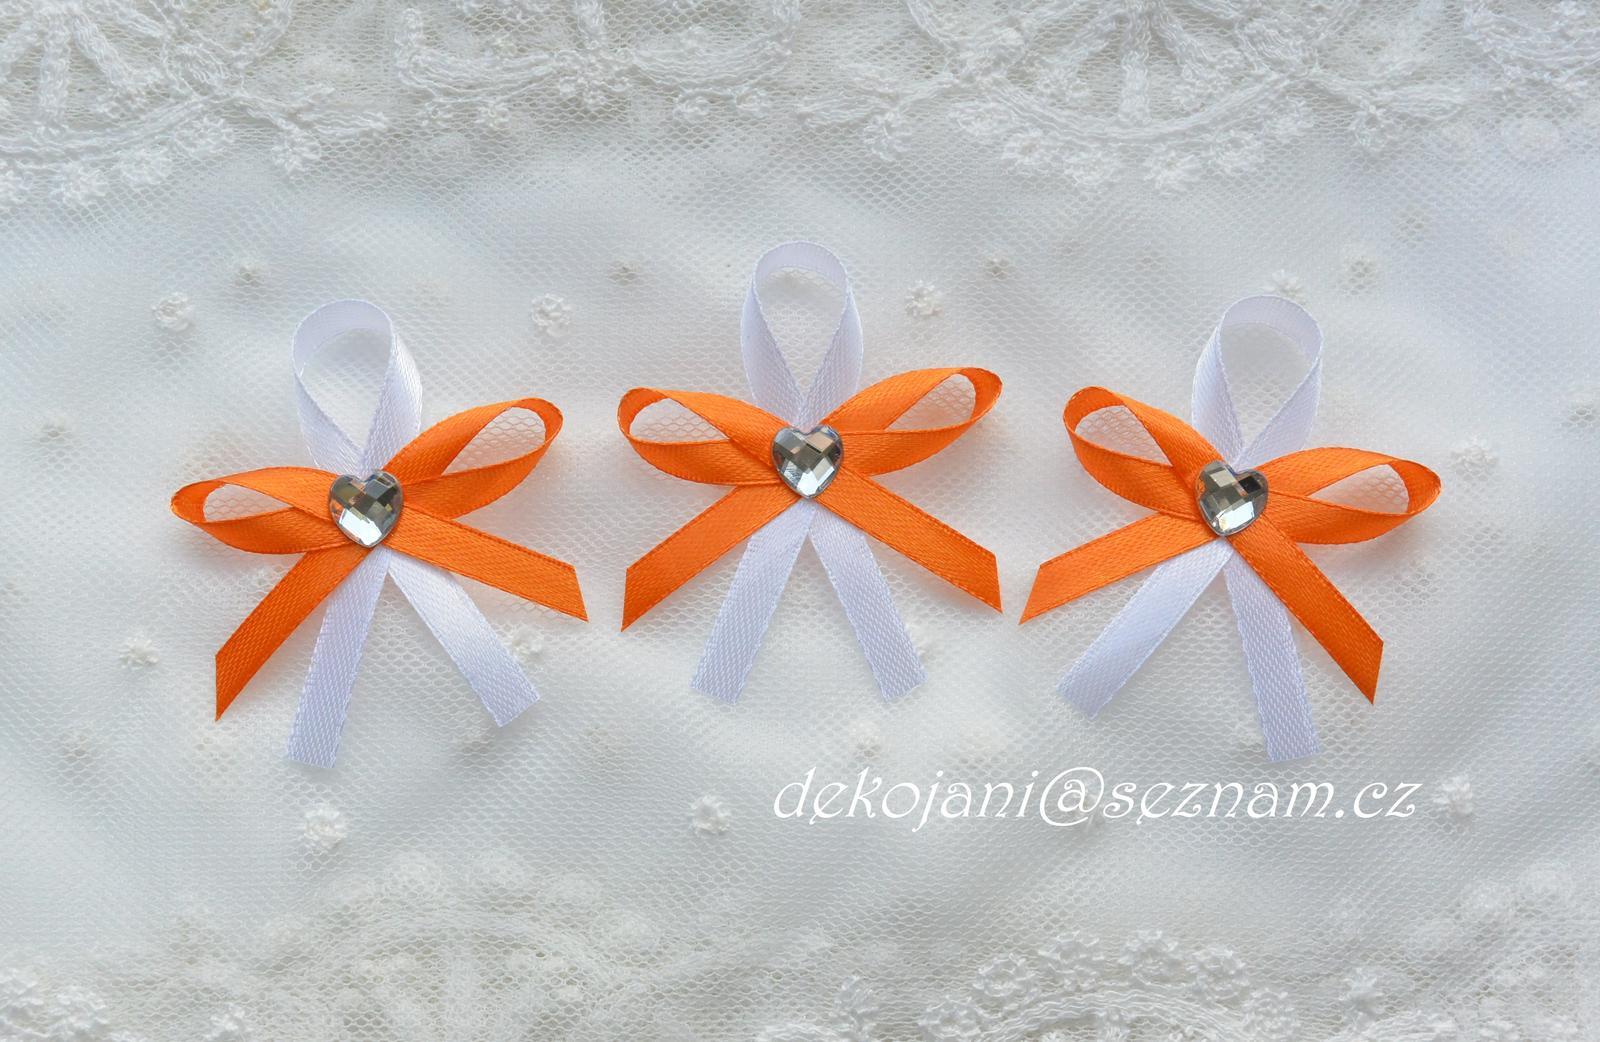 Oranžový vývazek - Obrázek č. 1